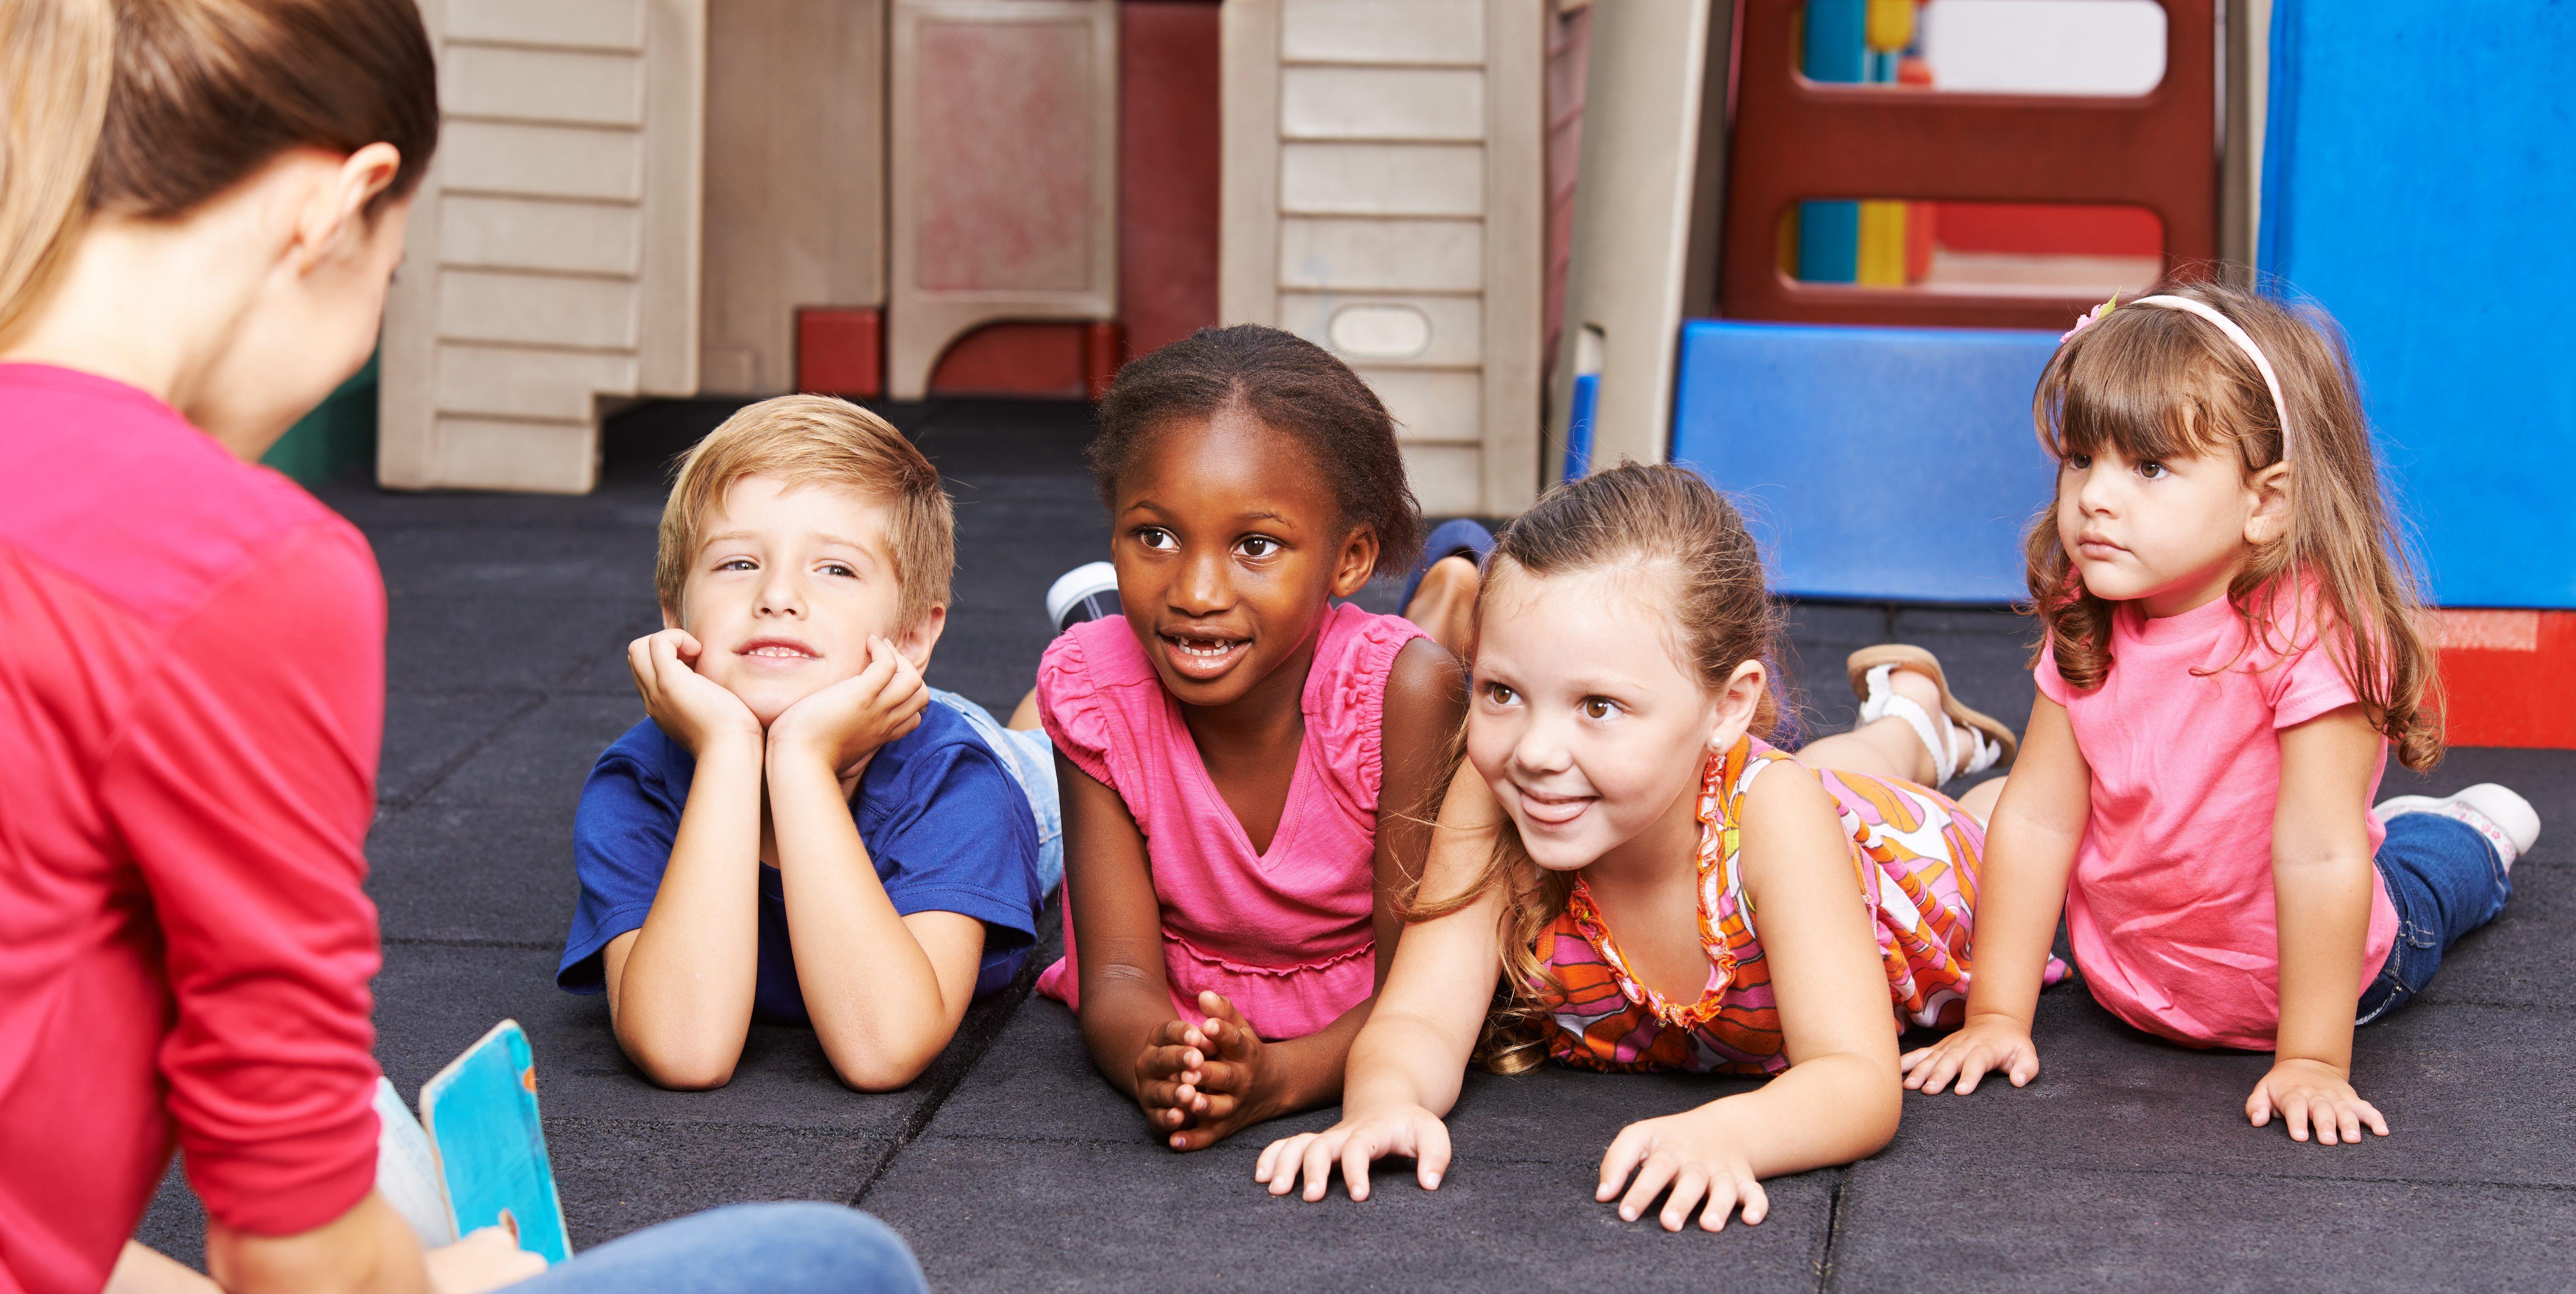 La Fondation pour l'école soutient 3 types d'école :